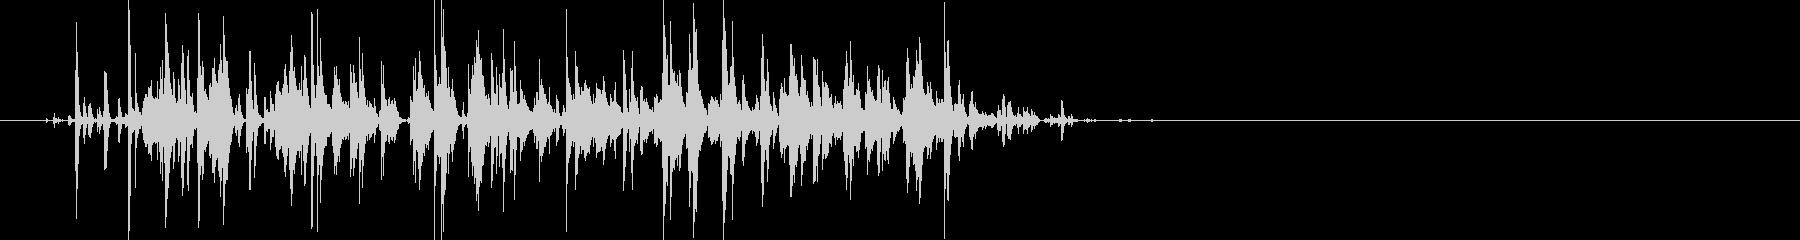 じゃらじゃら…大きめの鈴の音の未再生の波形